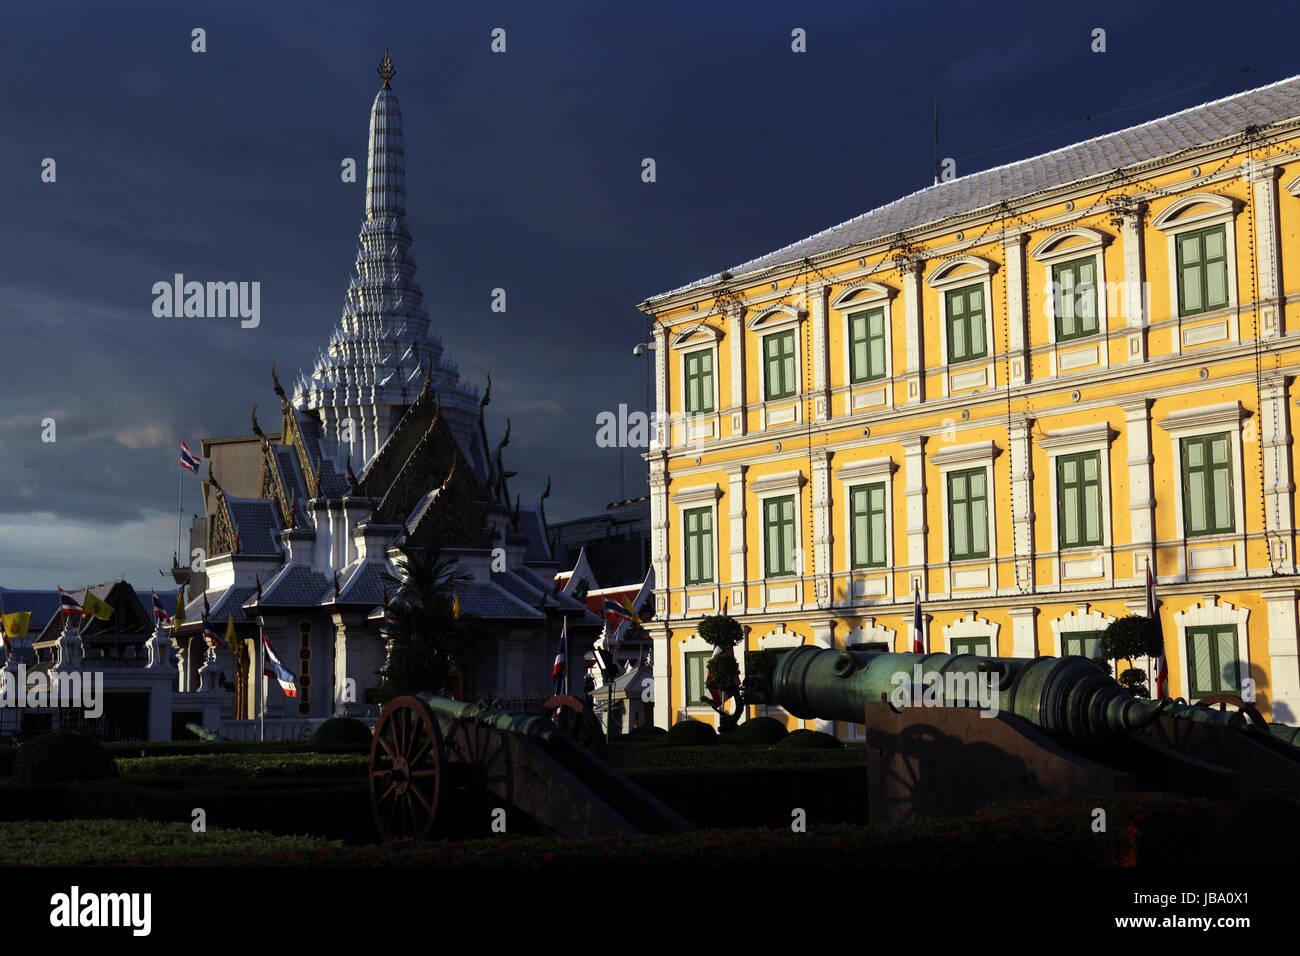 Das Gebaeude des Verteidigungs Ministerium oder Ministry of Defence im Historischen Zentrum der Hauptstadt Bangkok - Stock Image